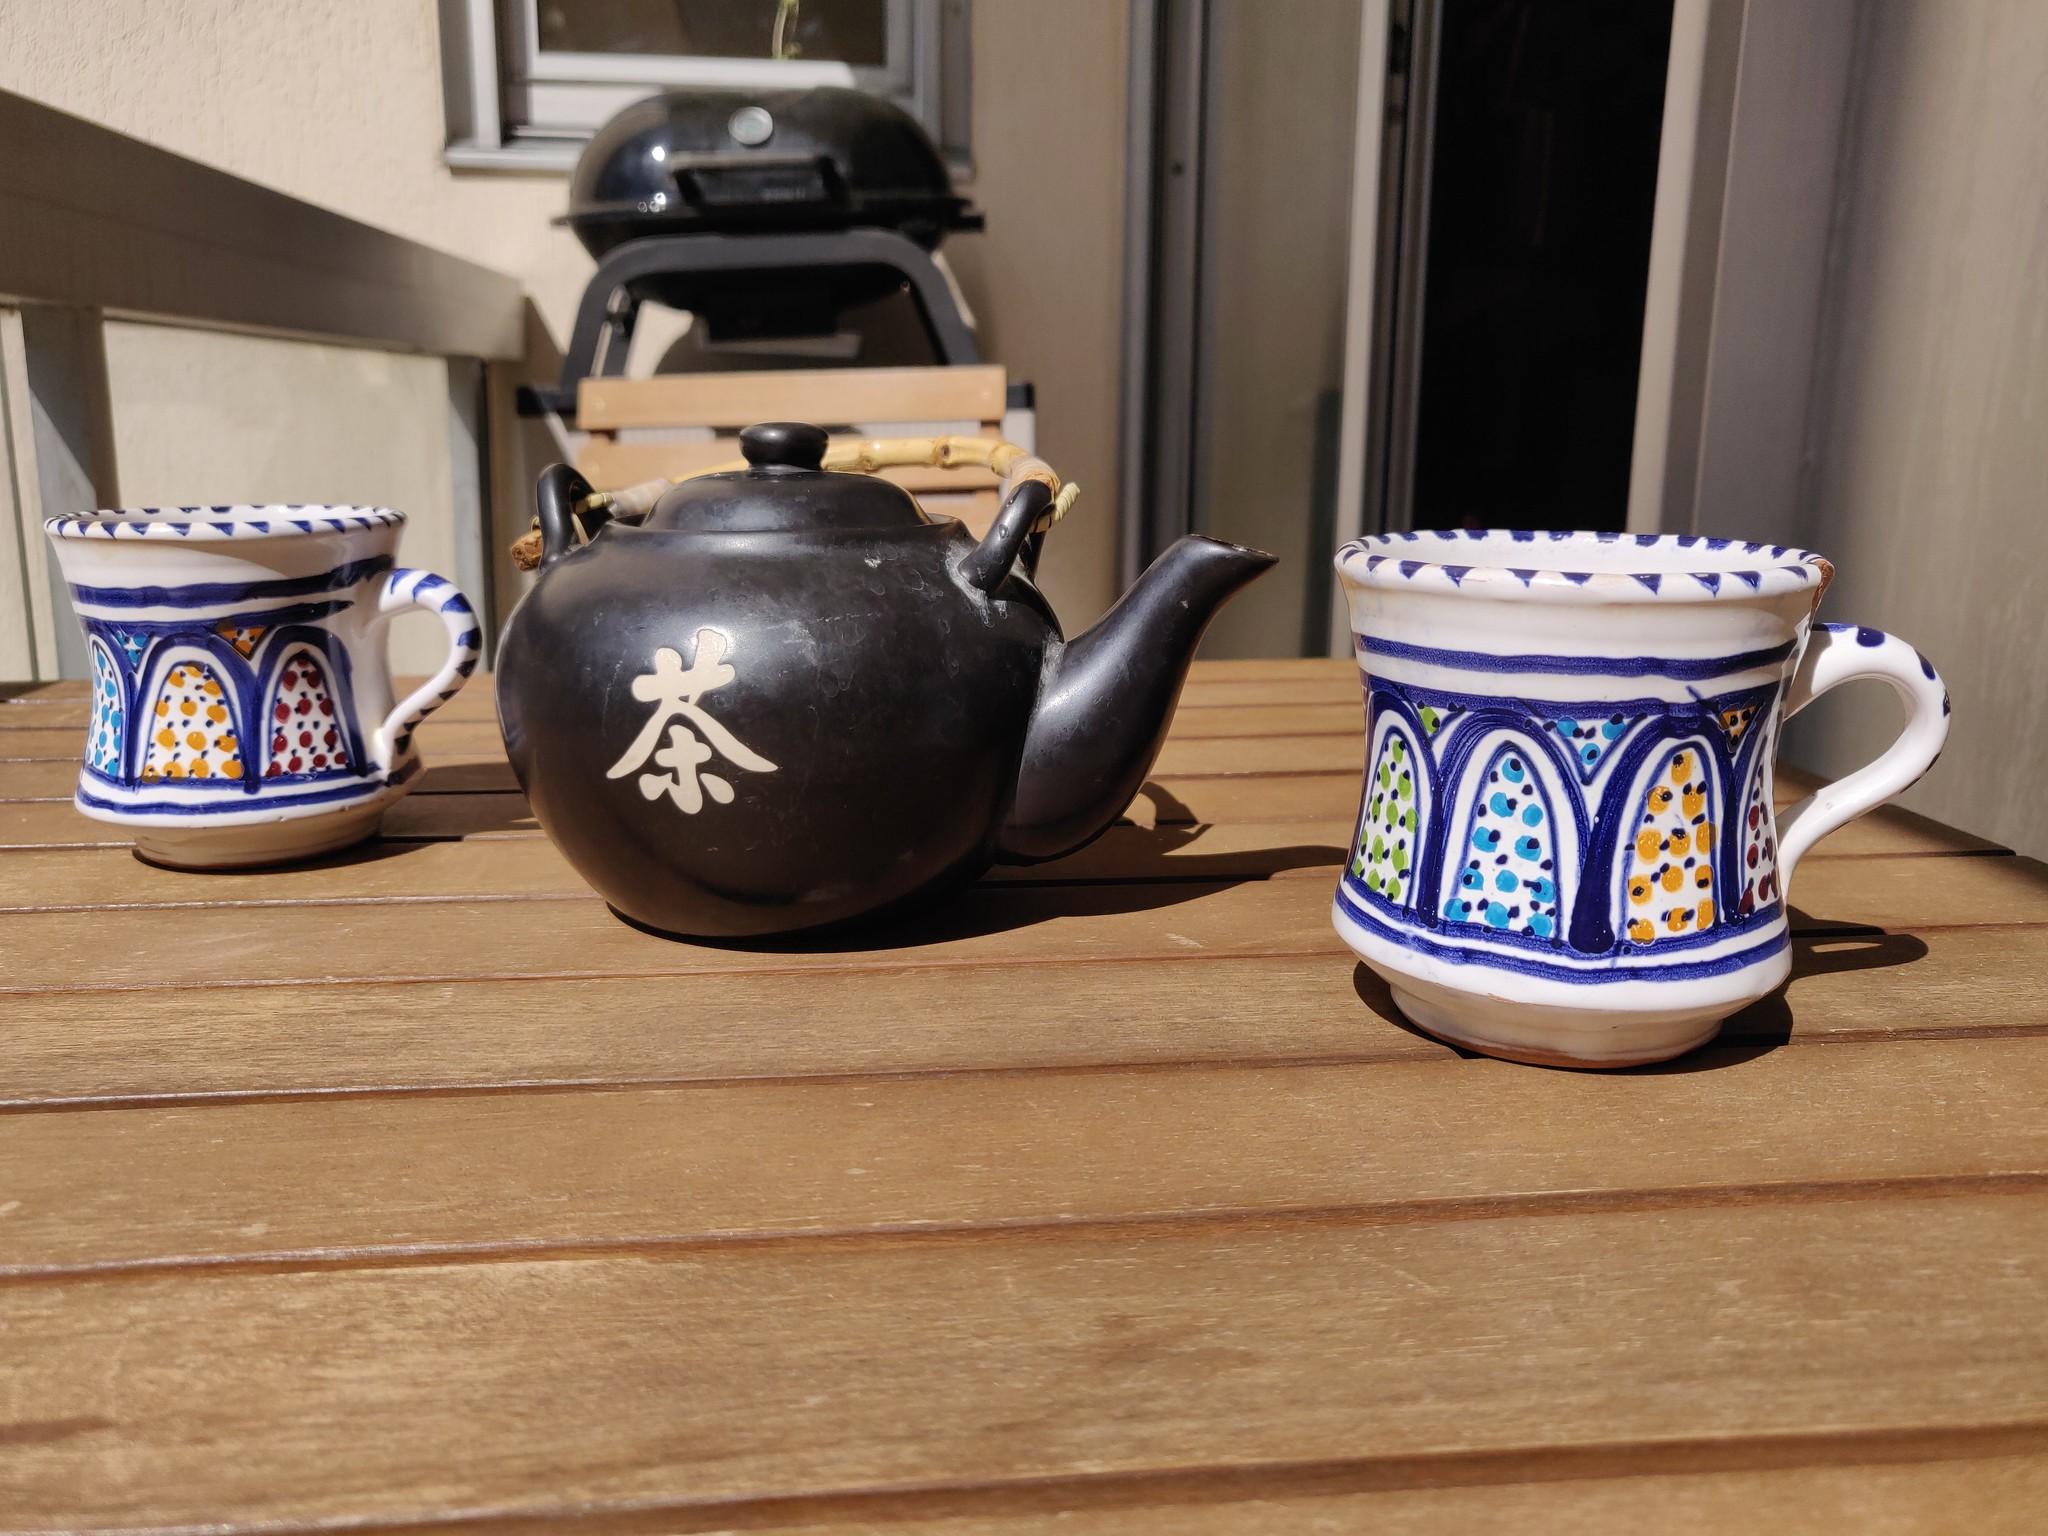 La pause pour prendre le thé au bon moment - confinement 2020